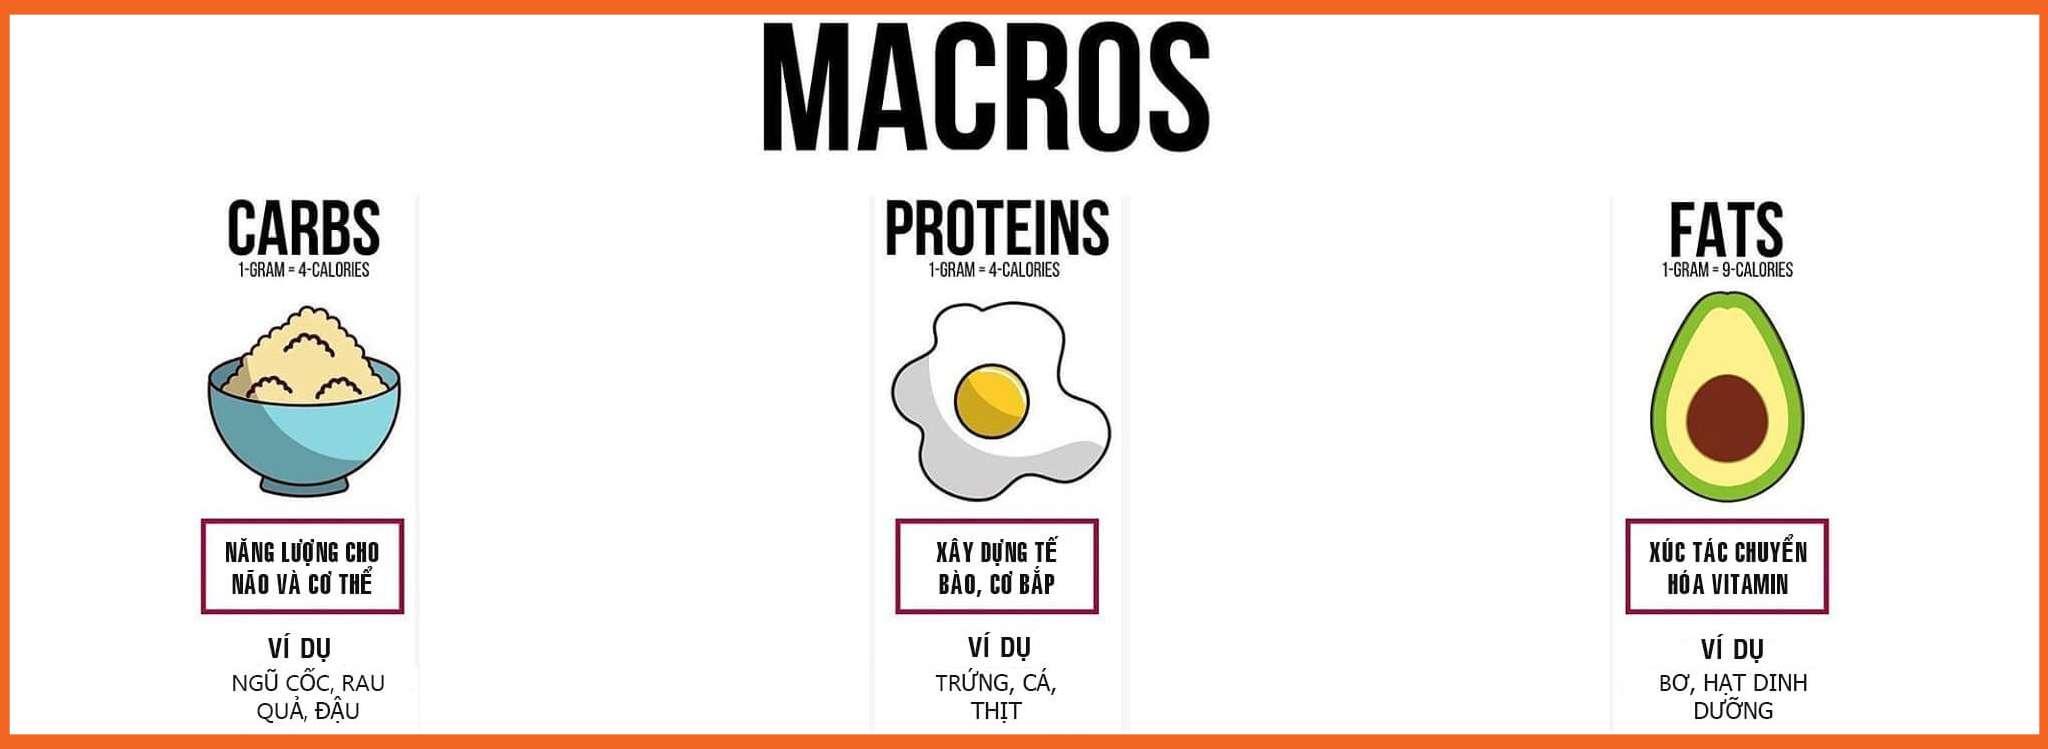 Hướng dẫn cách tính Macro nhanh và chuẩn nhất cho mọi chế độ ăn uống 1